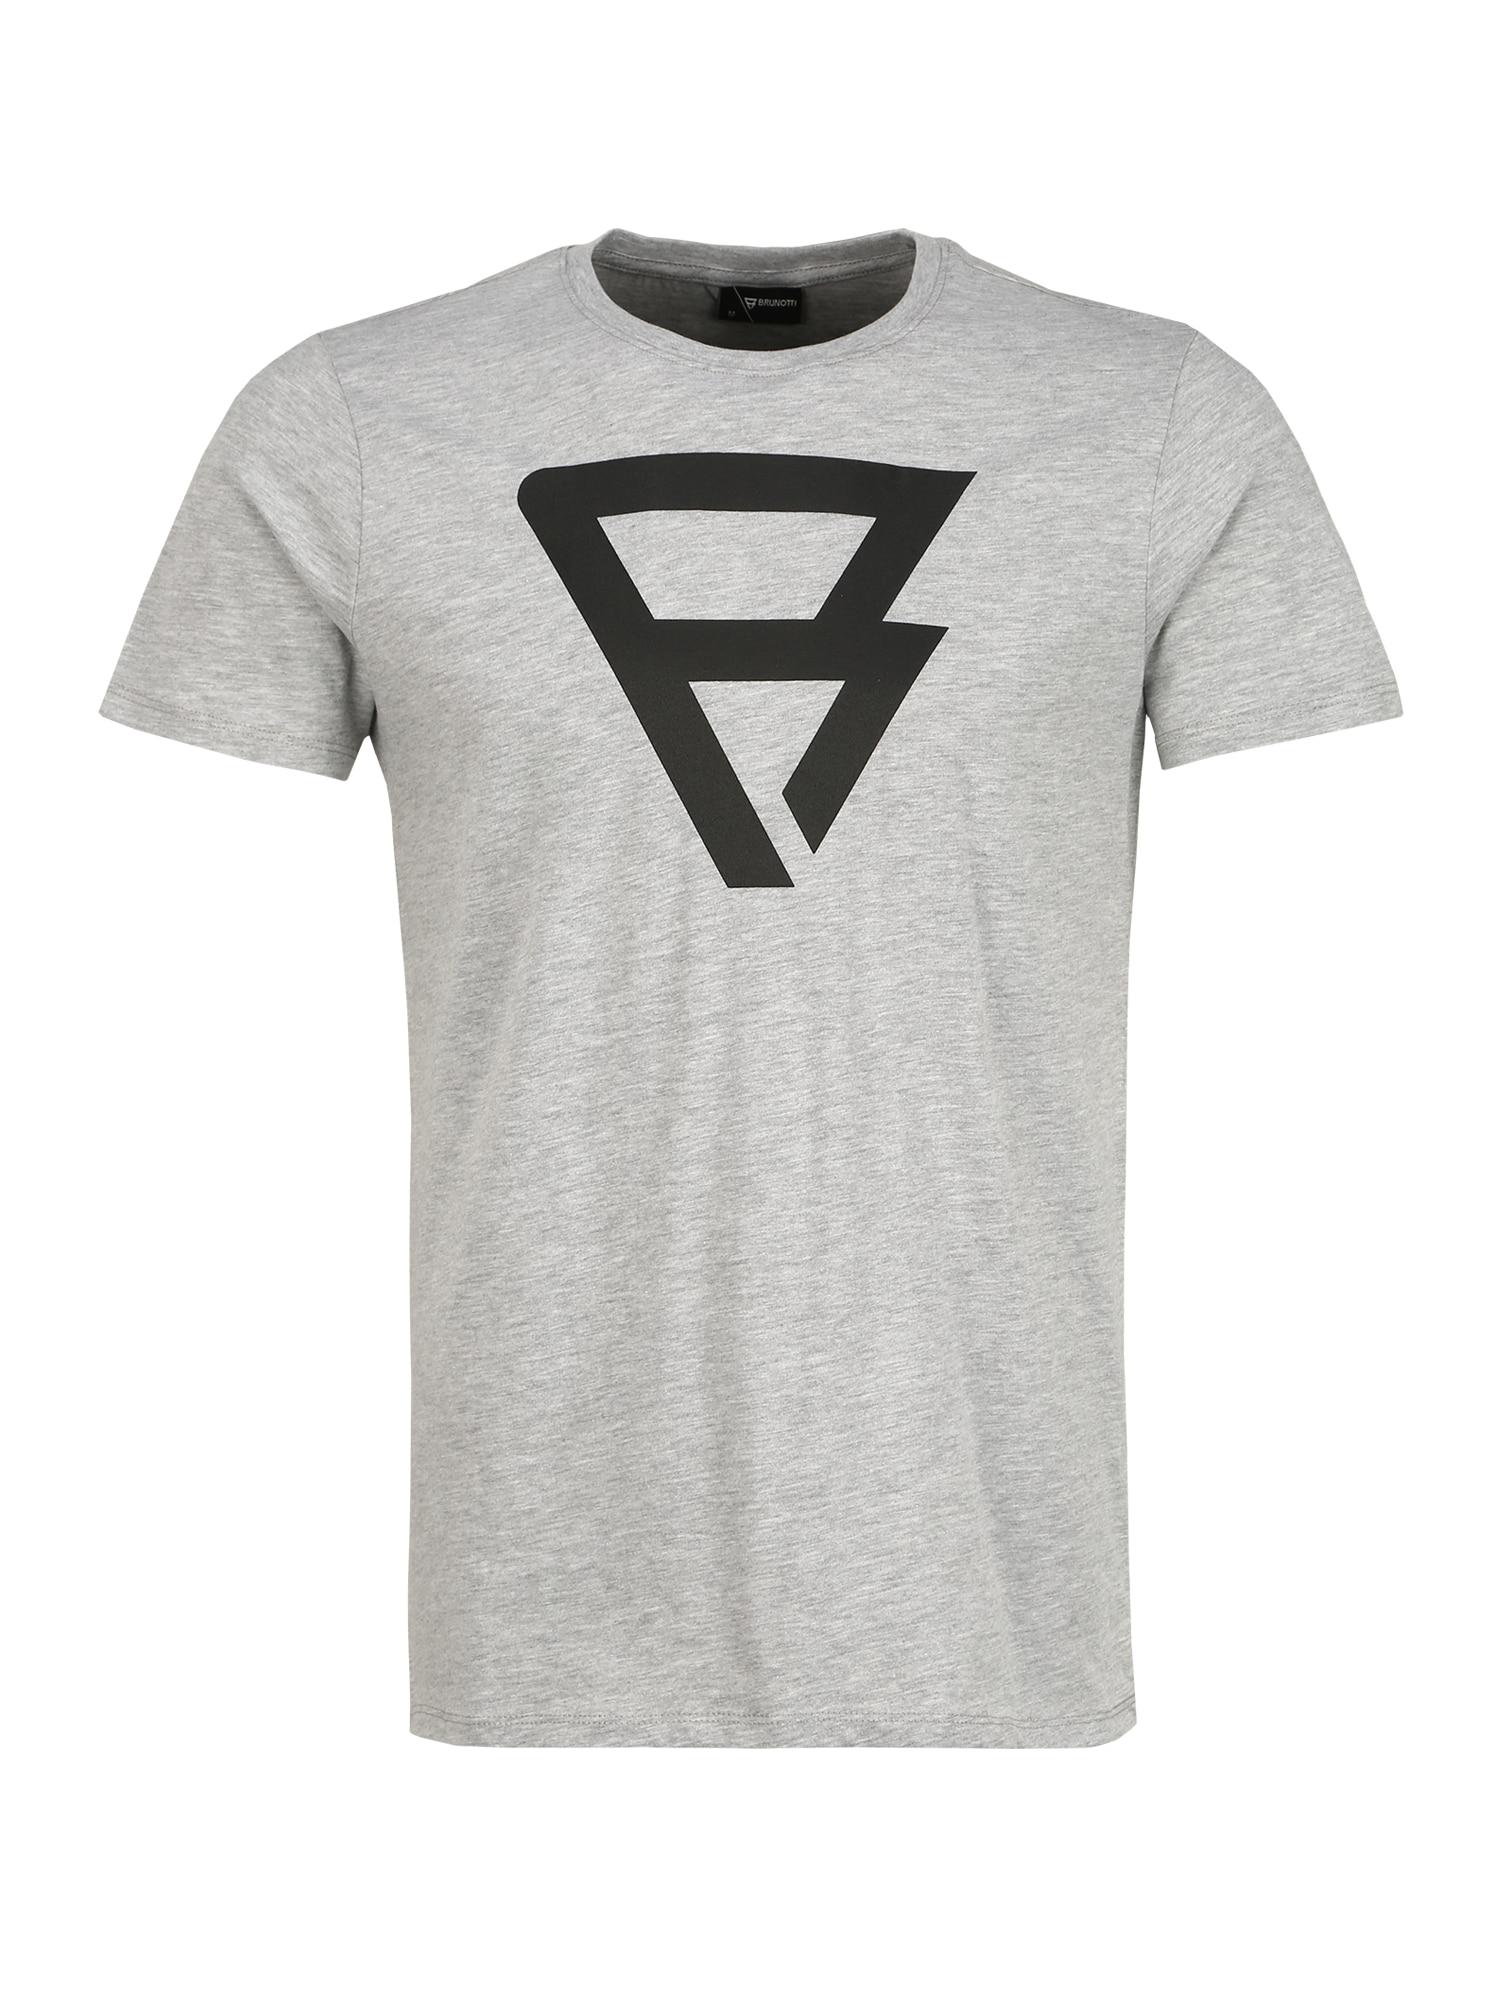 BRUNOTTI Sportiniai marškinėliai 'Herring' šviesiai pilka / juoda